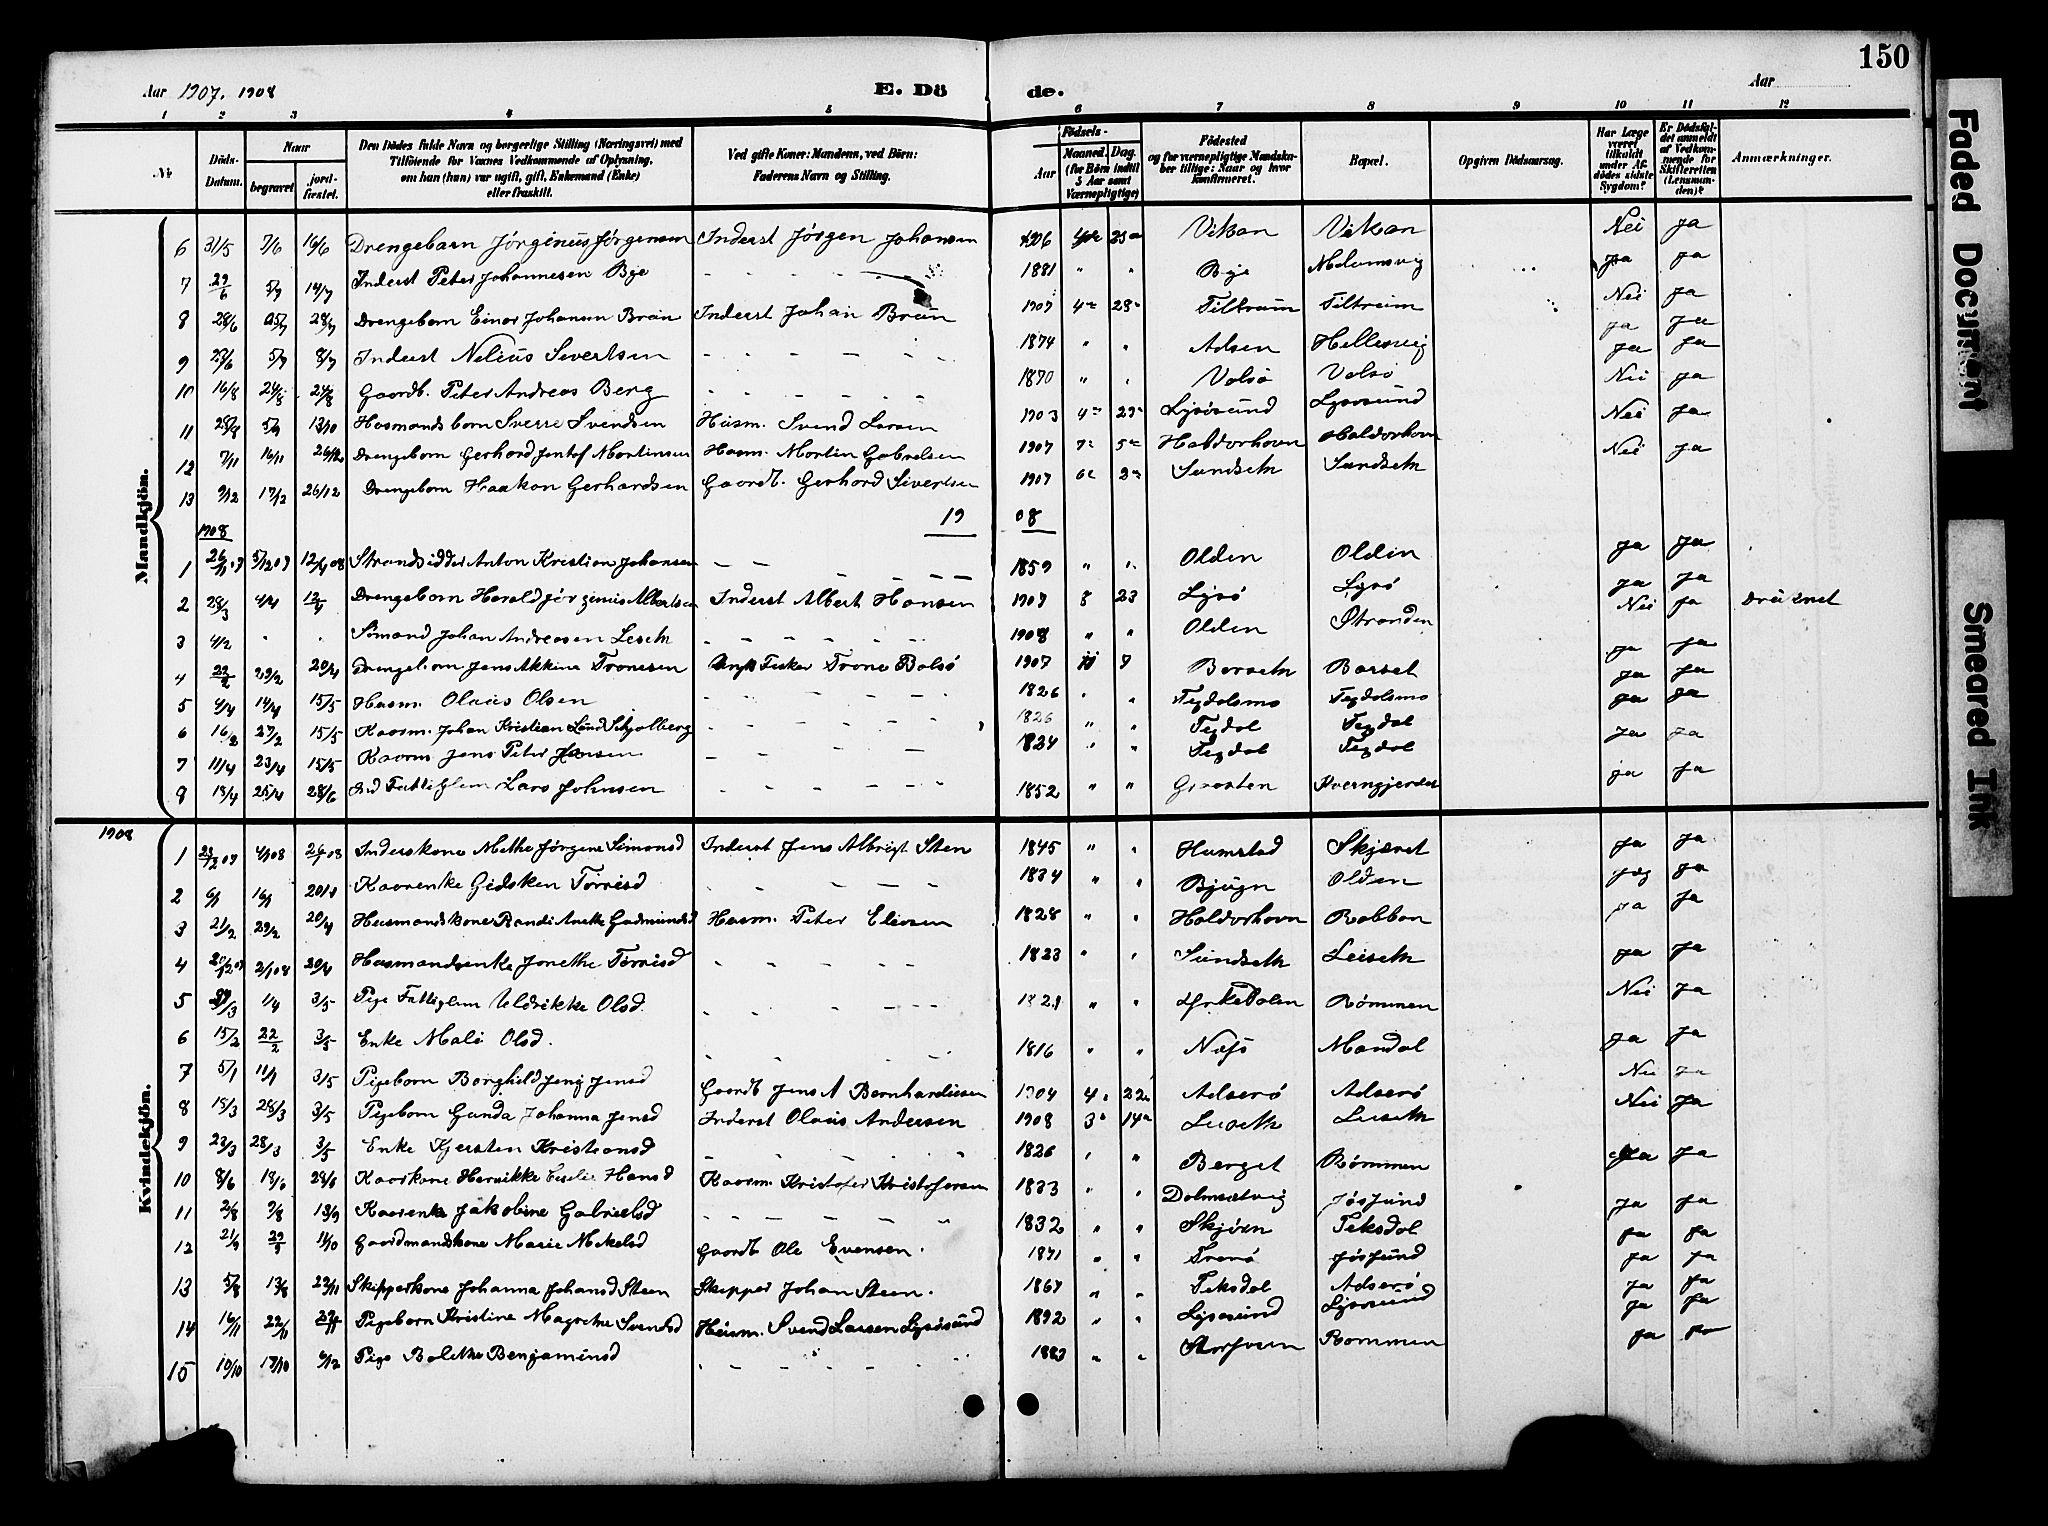 SAT, Ministerialprotokoller, klokkerbøker og fødselsregistre - Sør-Trøndelag, 654/L0666: Klokkerbok nr. 654C02, 1901-1925, s. 150